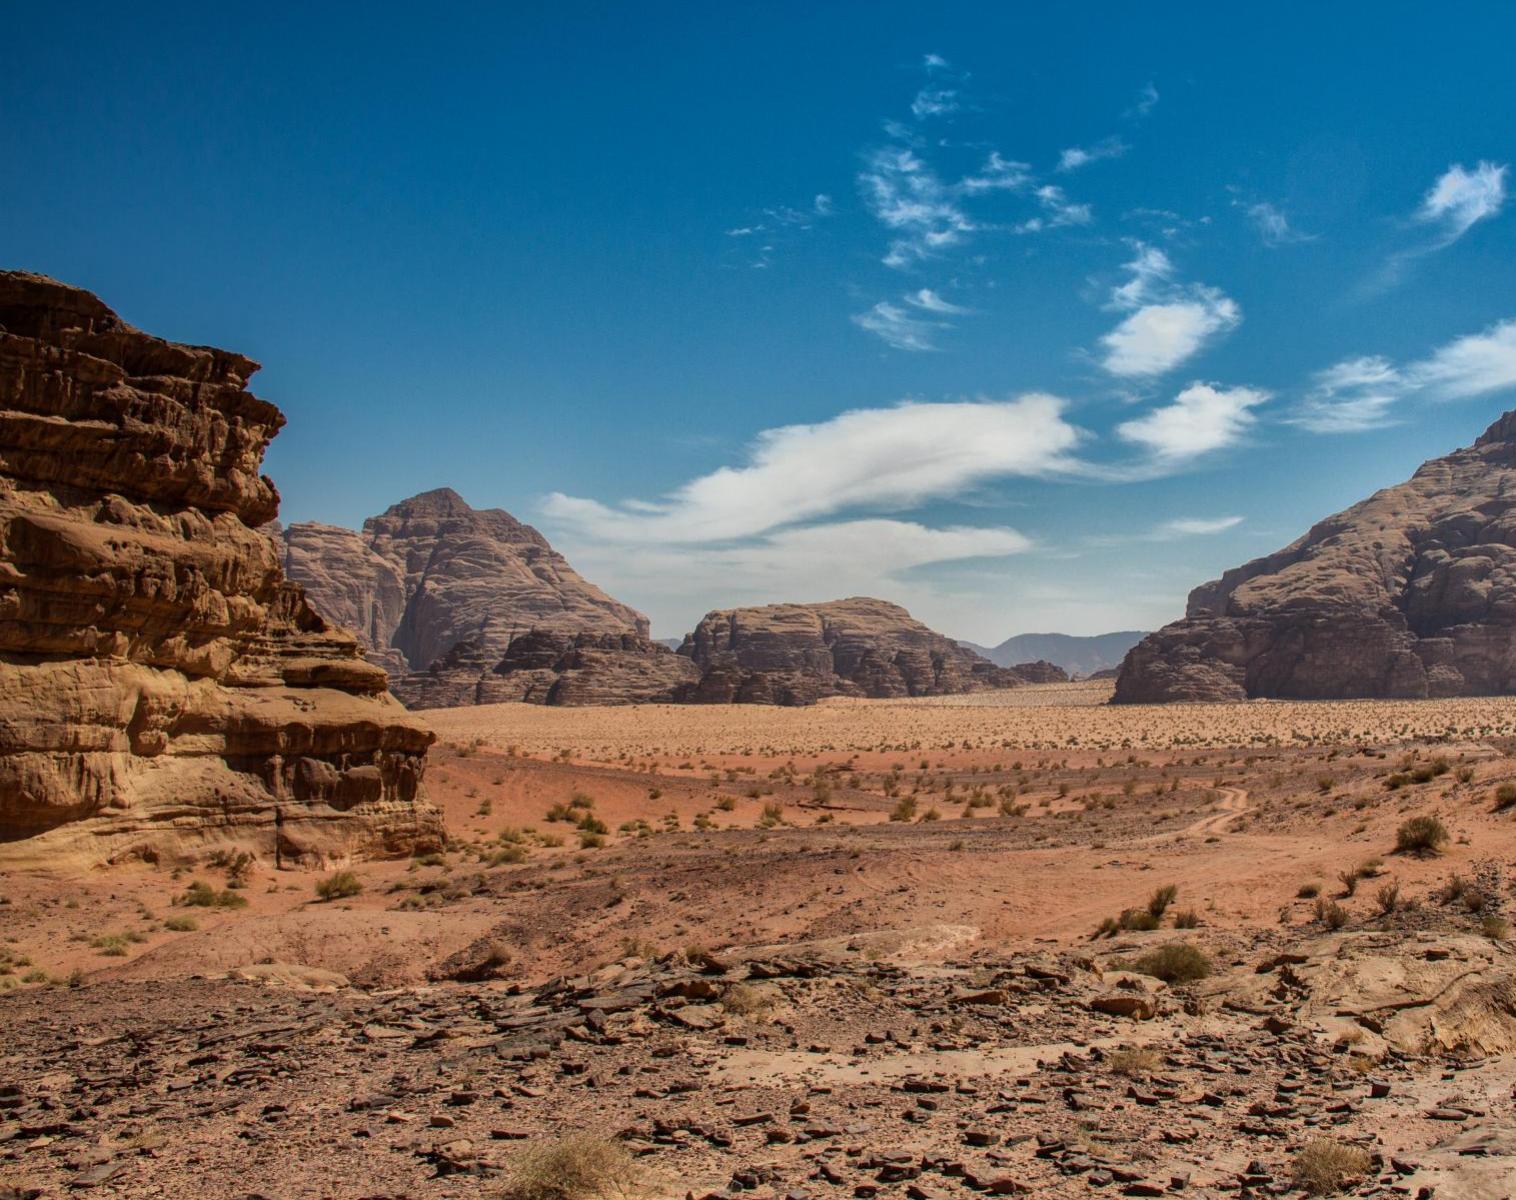 Jordanie  La piste des Nabatéens, de Pétra au Wadi Rum   Découverte Trek & Randonnée Rencontres et cultures du Monde